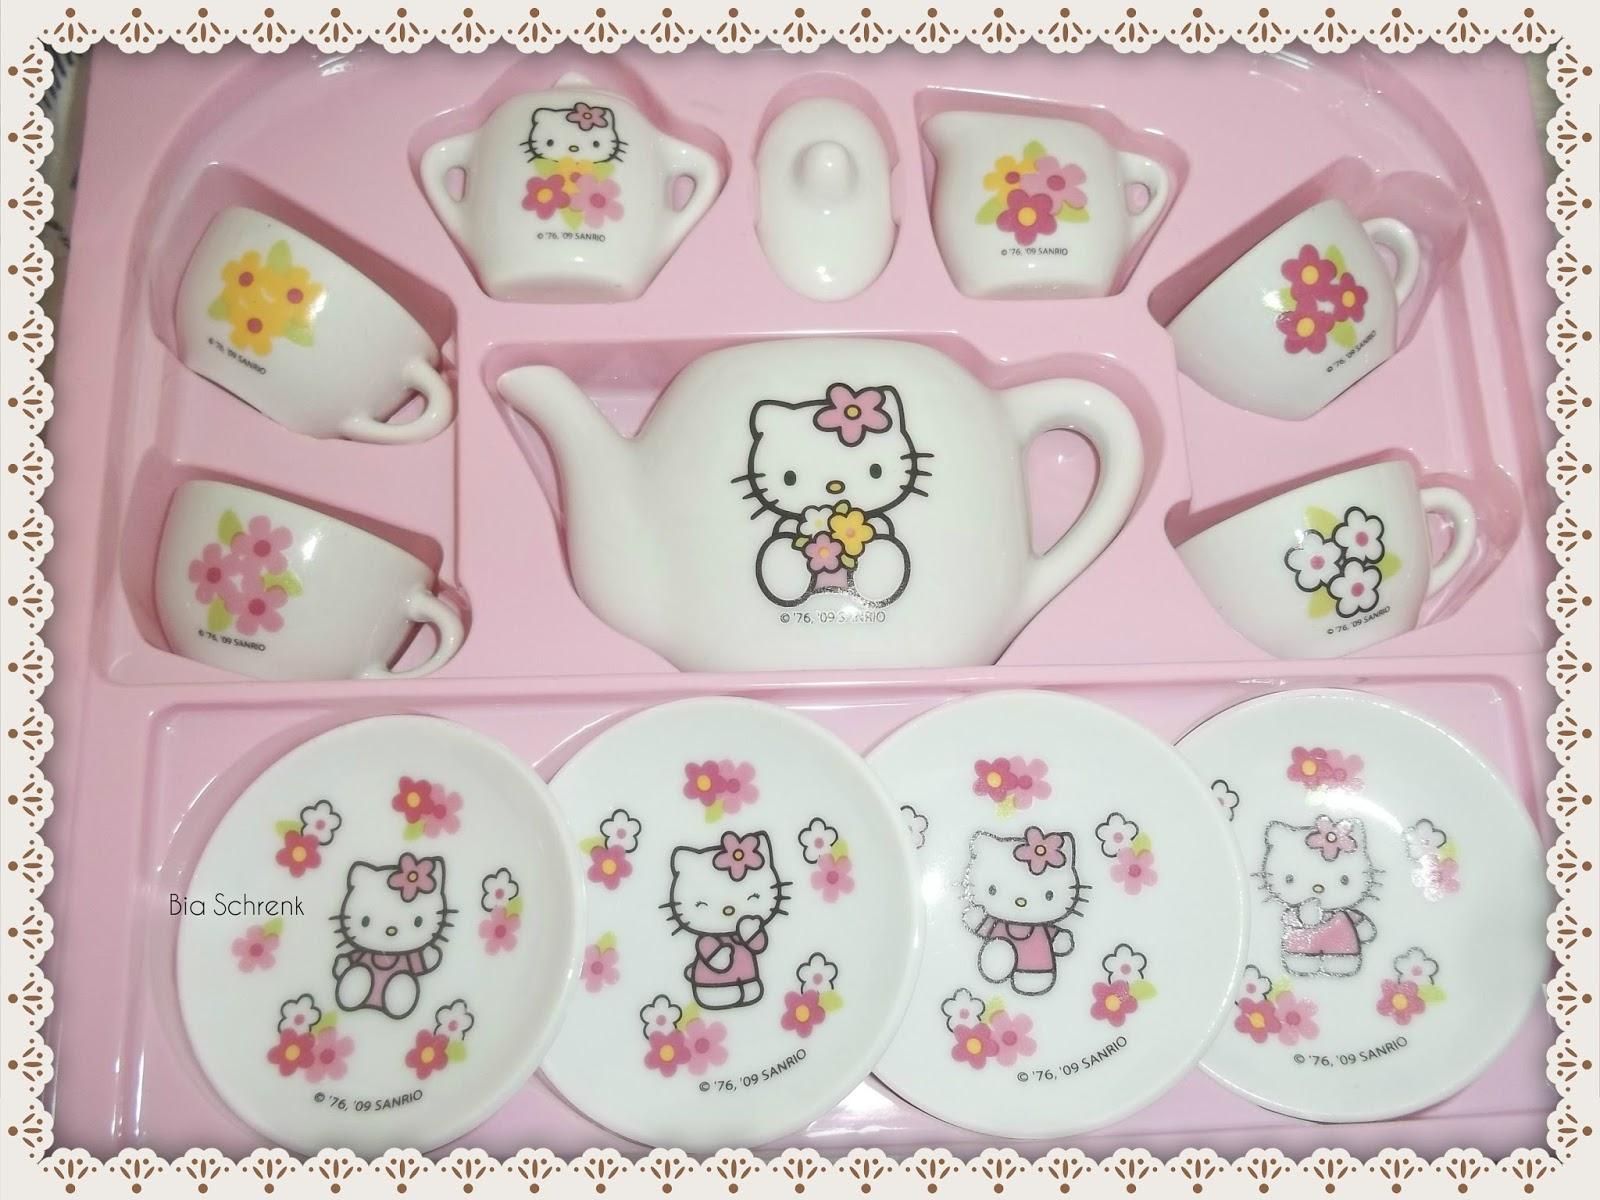 Hausderpuppen Tea Time Hello Kitty Dinette Porcelaine Set